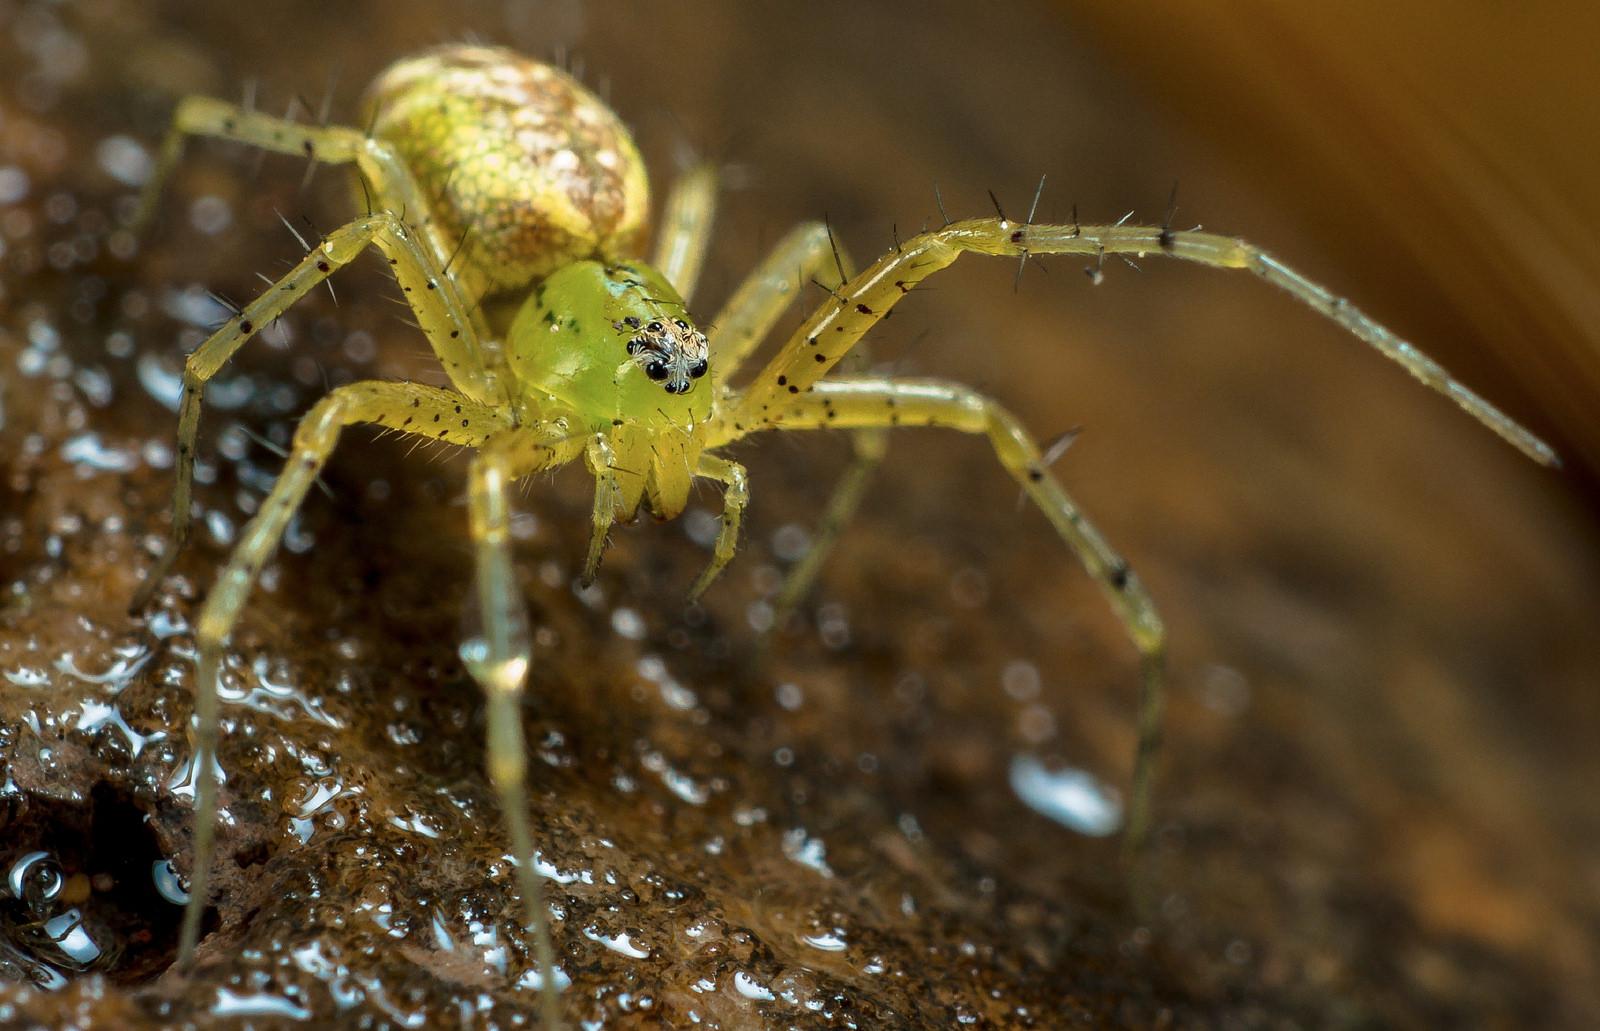 Lynx Spider sydney spider exhibit